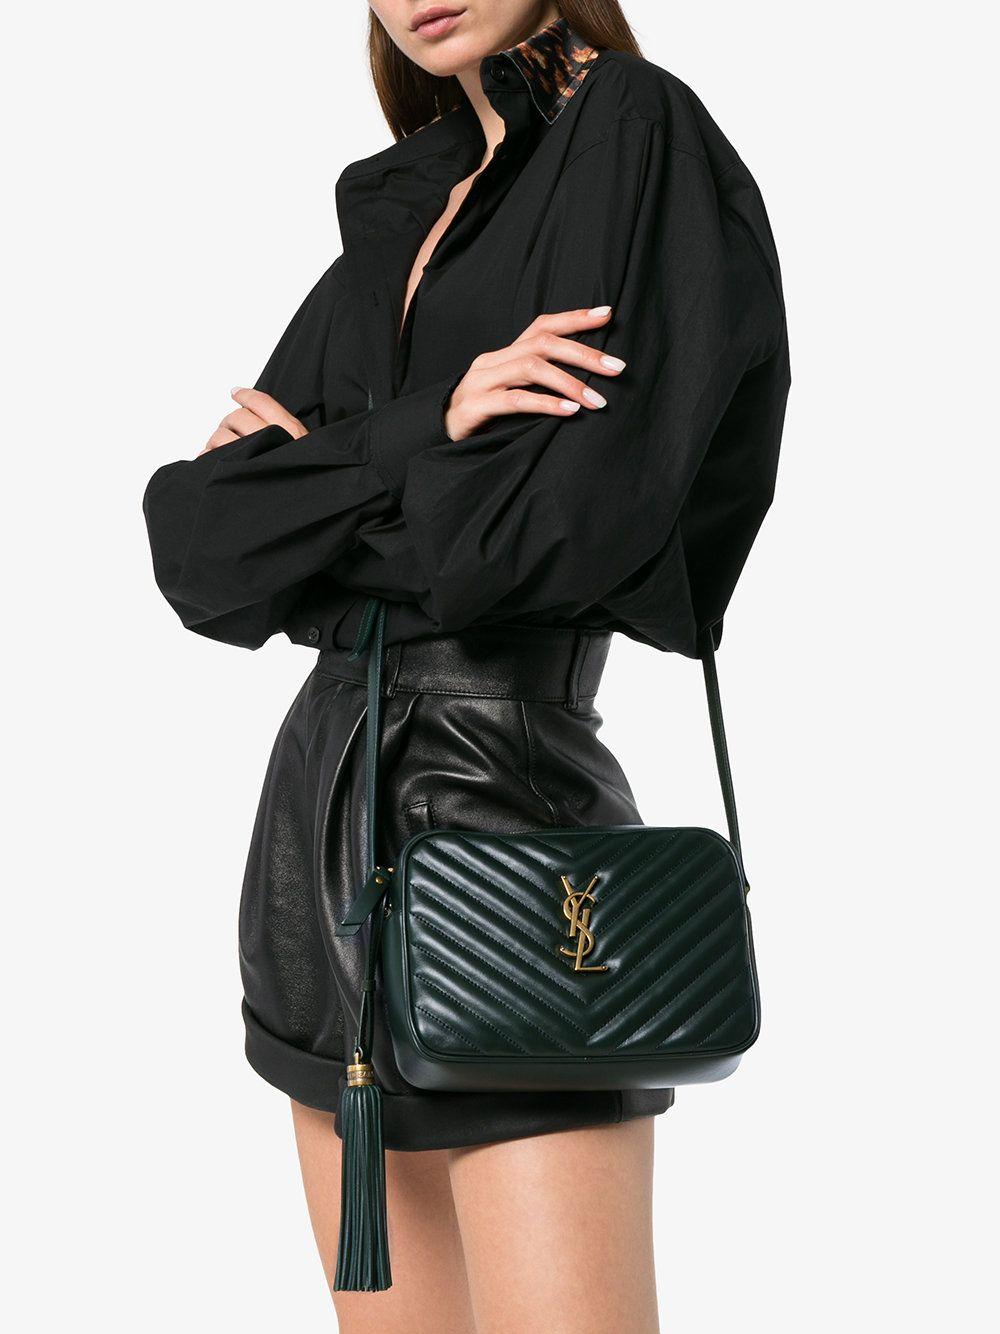 0ba3194d24 Saint Laurent green lou quilted leather camera bag | Tasker tasker ...